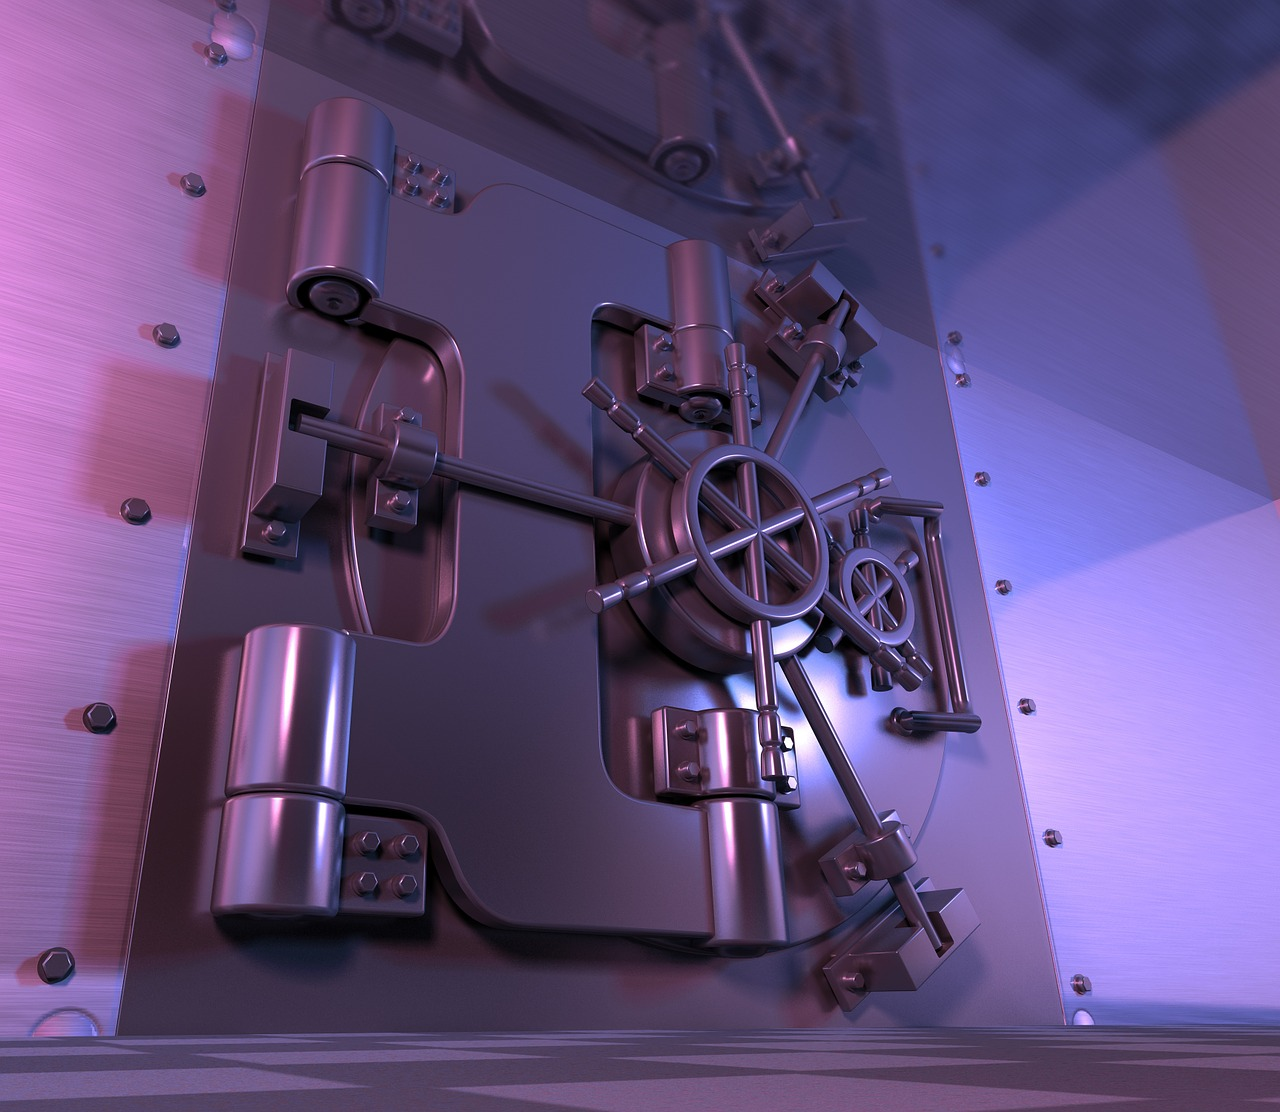 safe locksmith in tampa fl